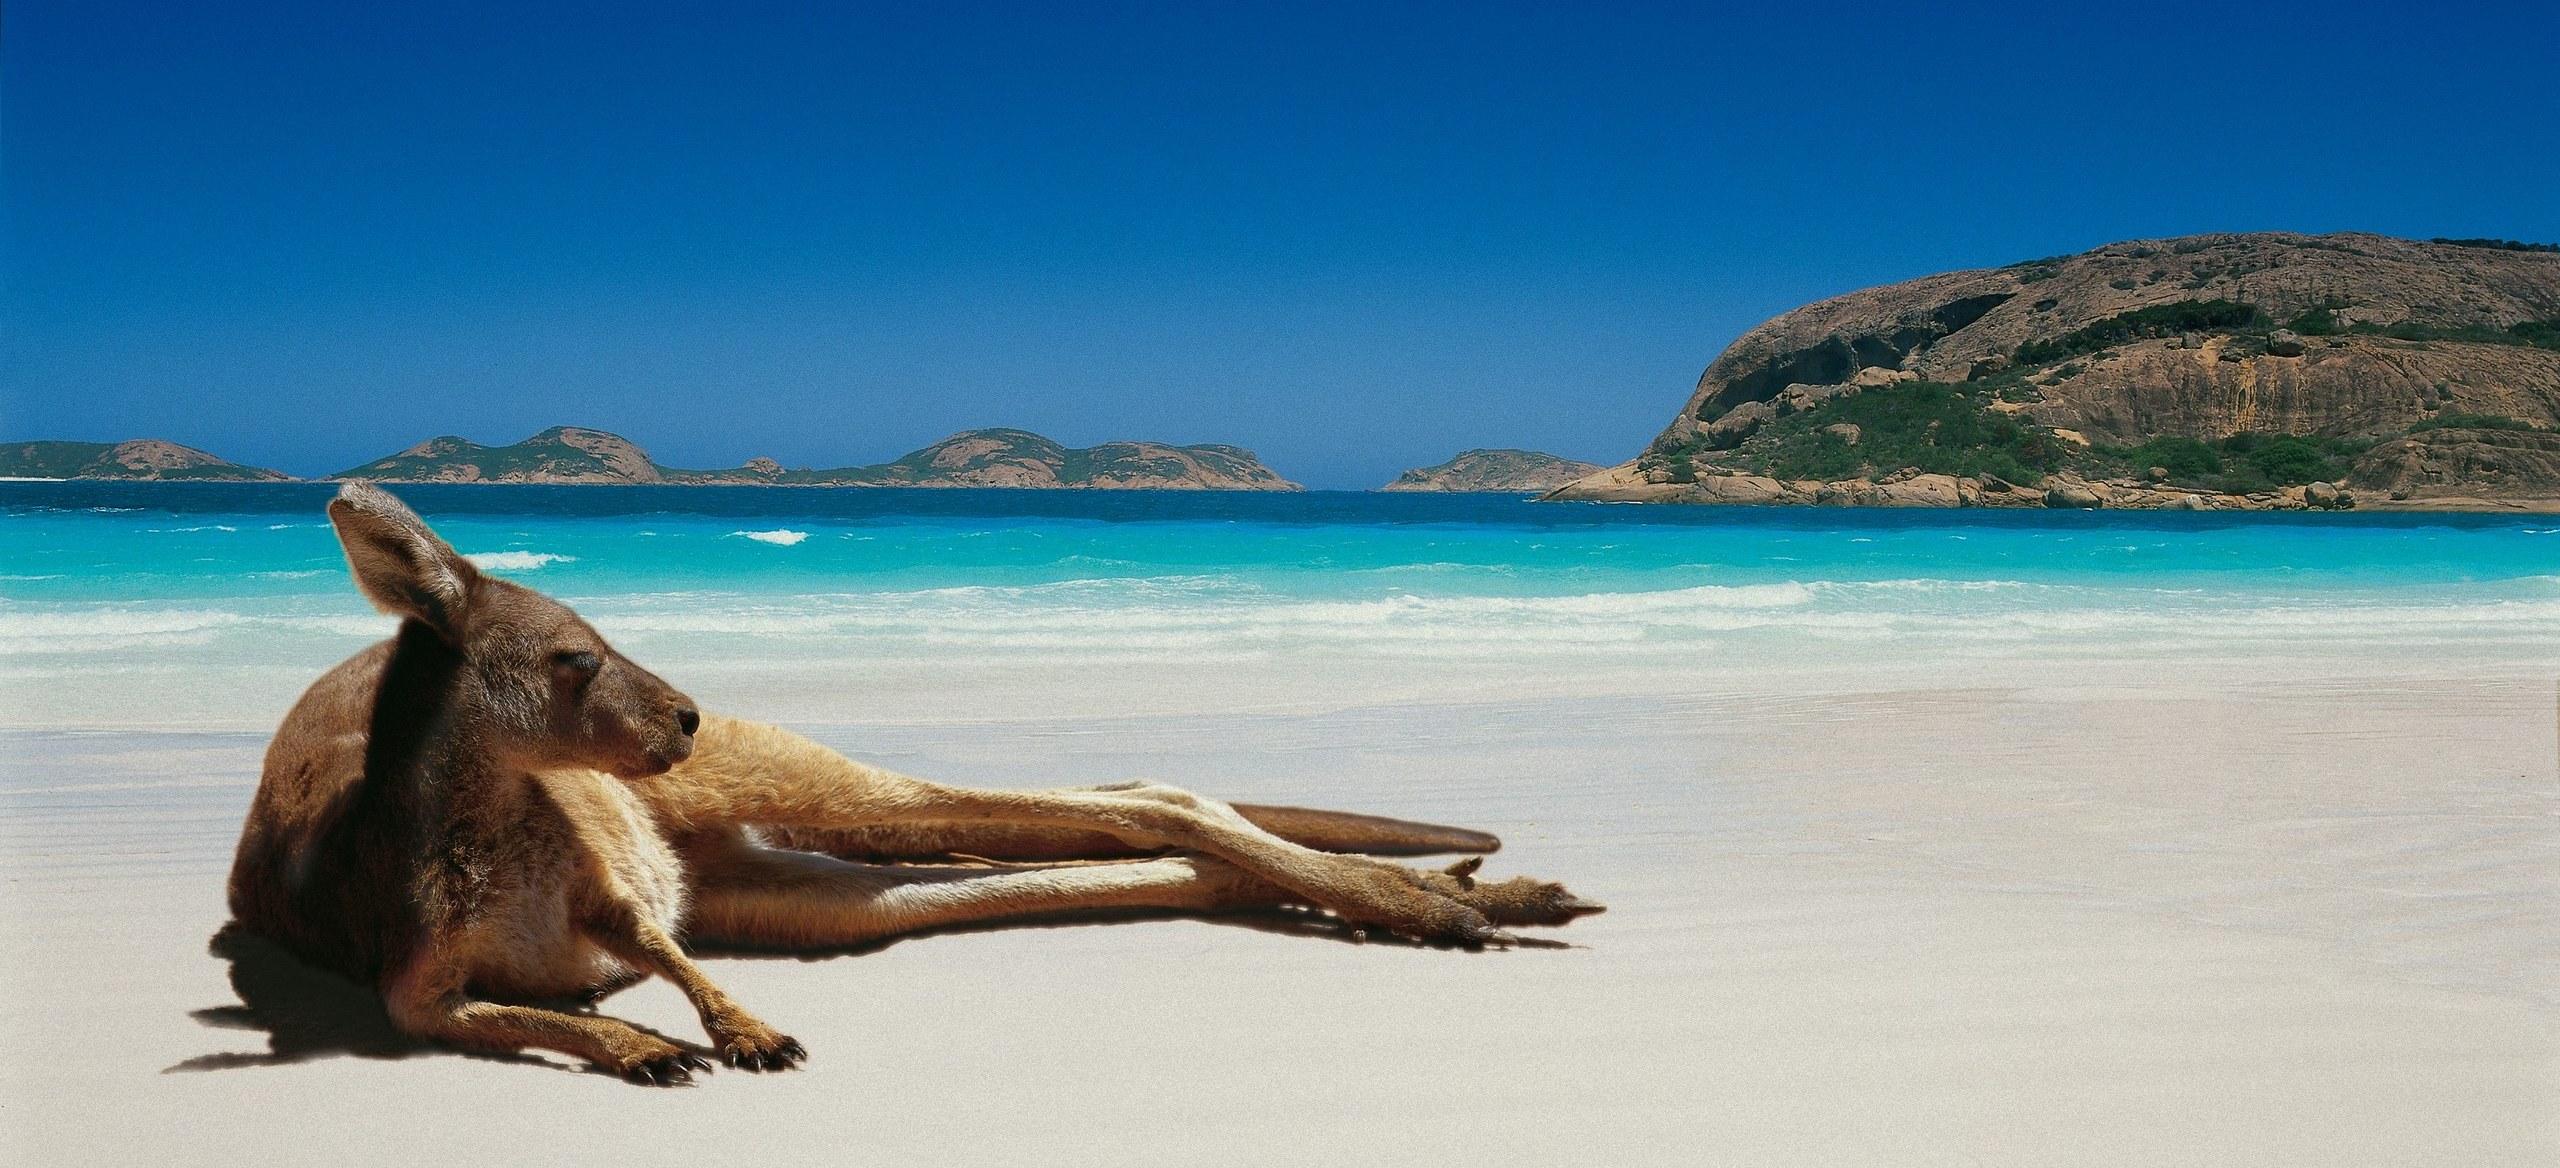 Австралія туризм - Тури в Австралію